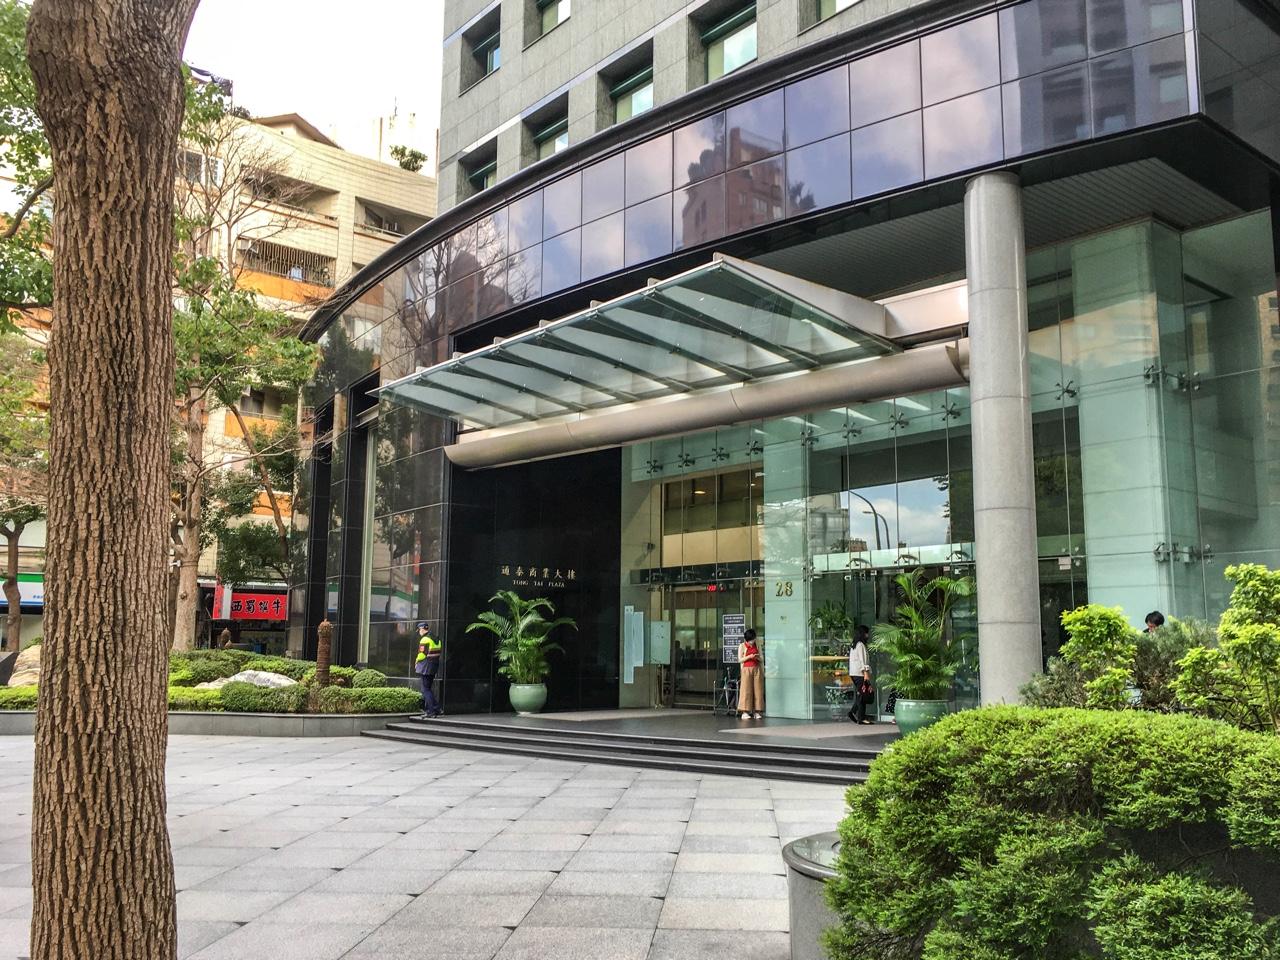 日本台湾交流協会台北事務所